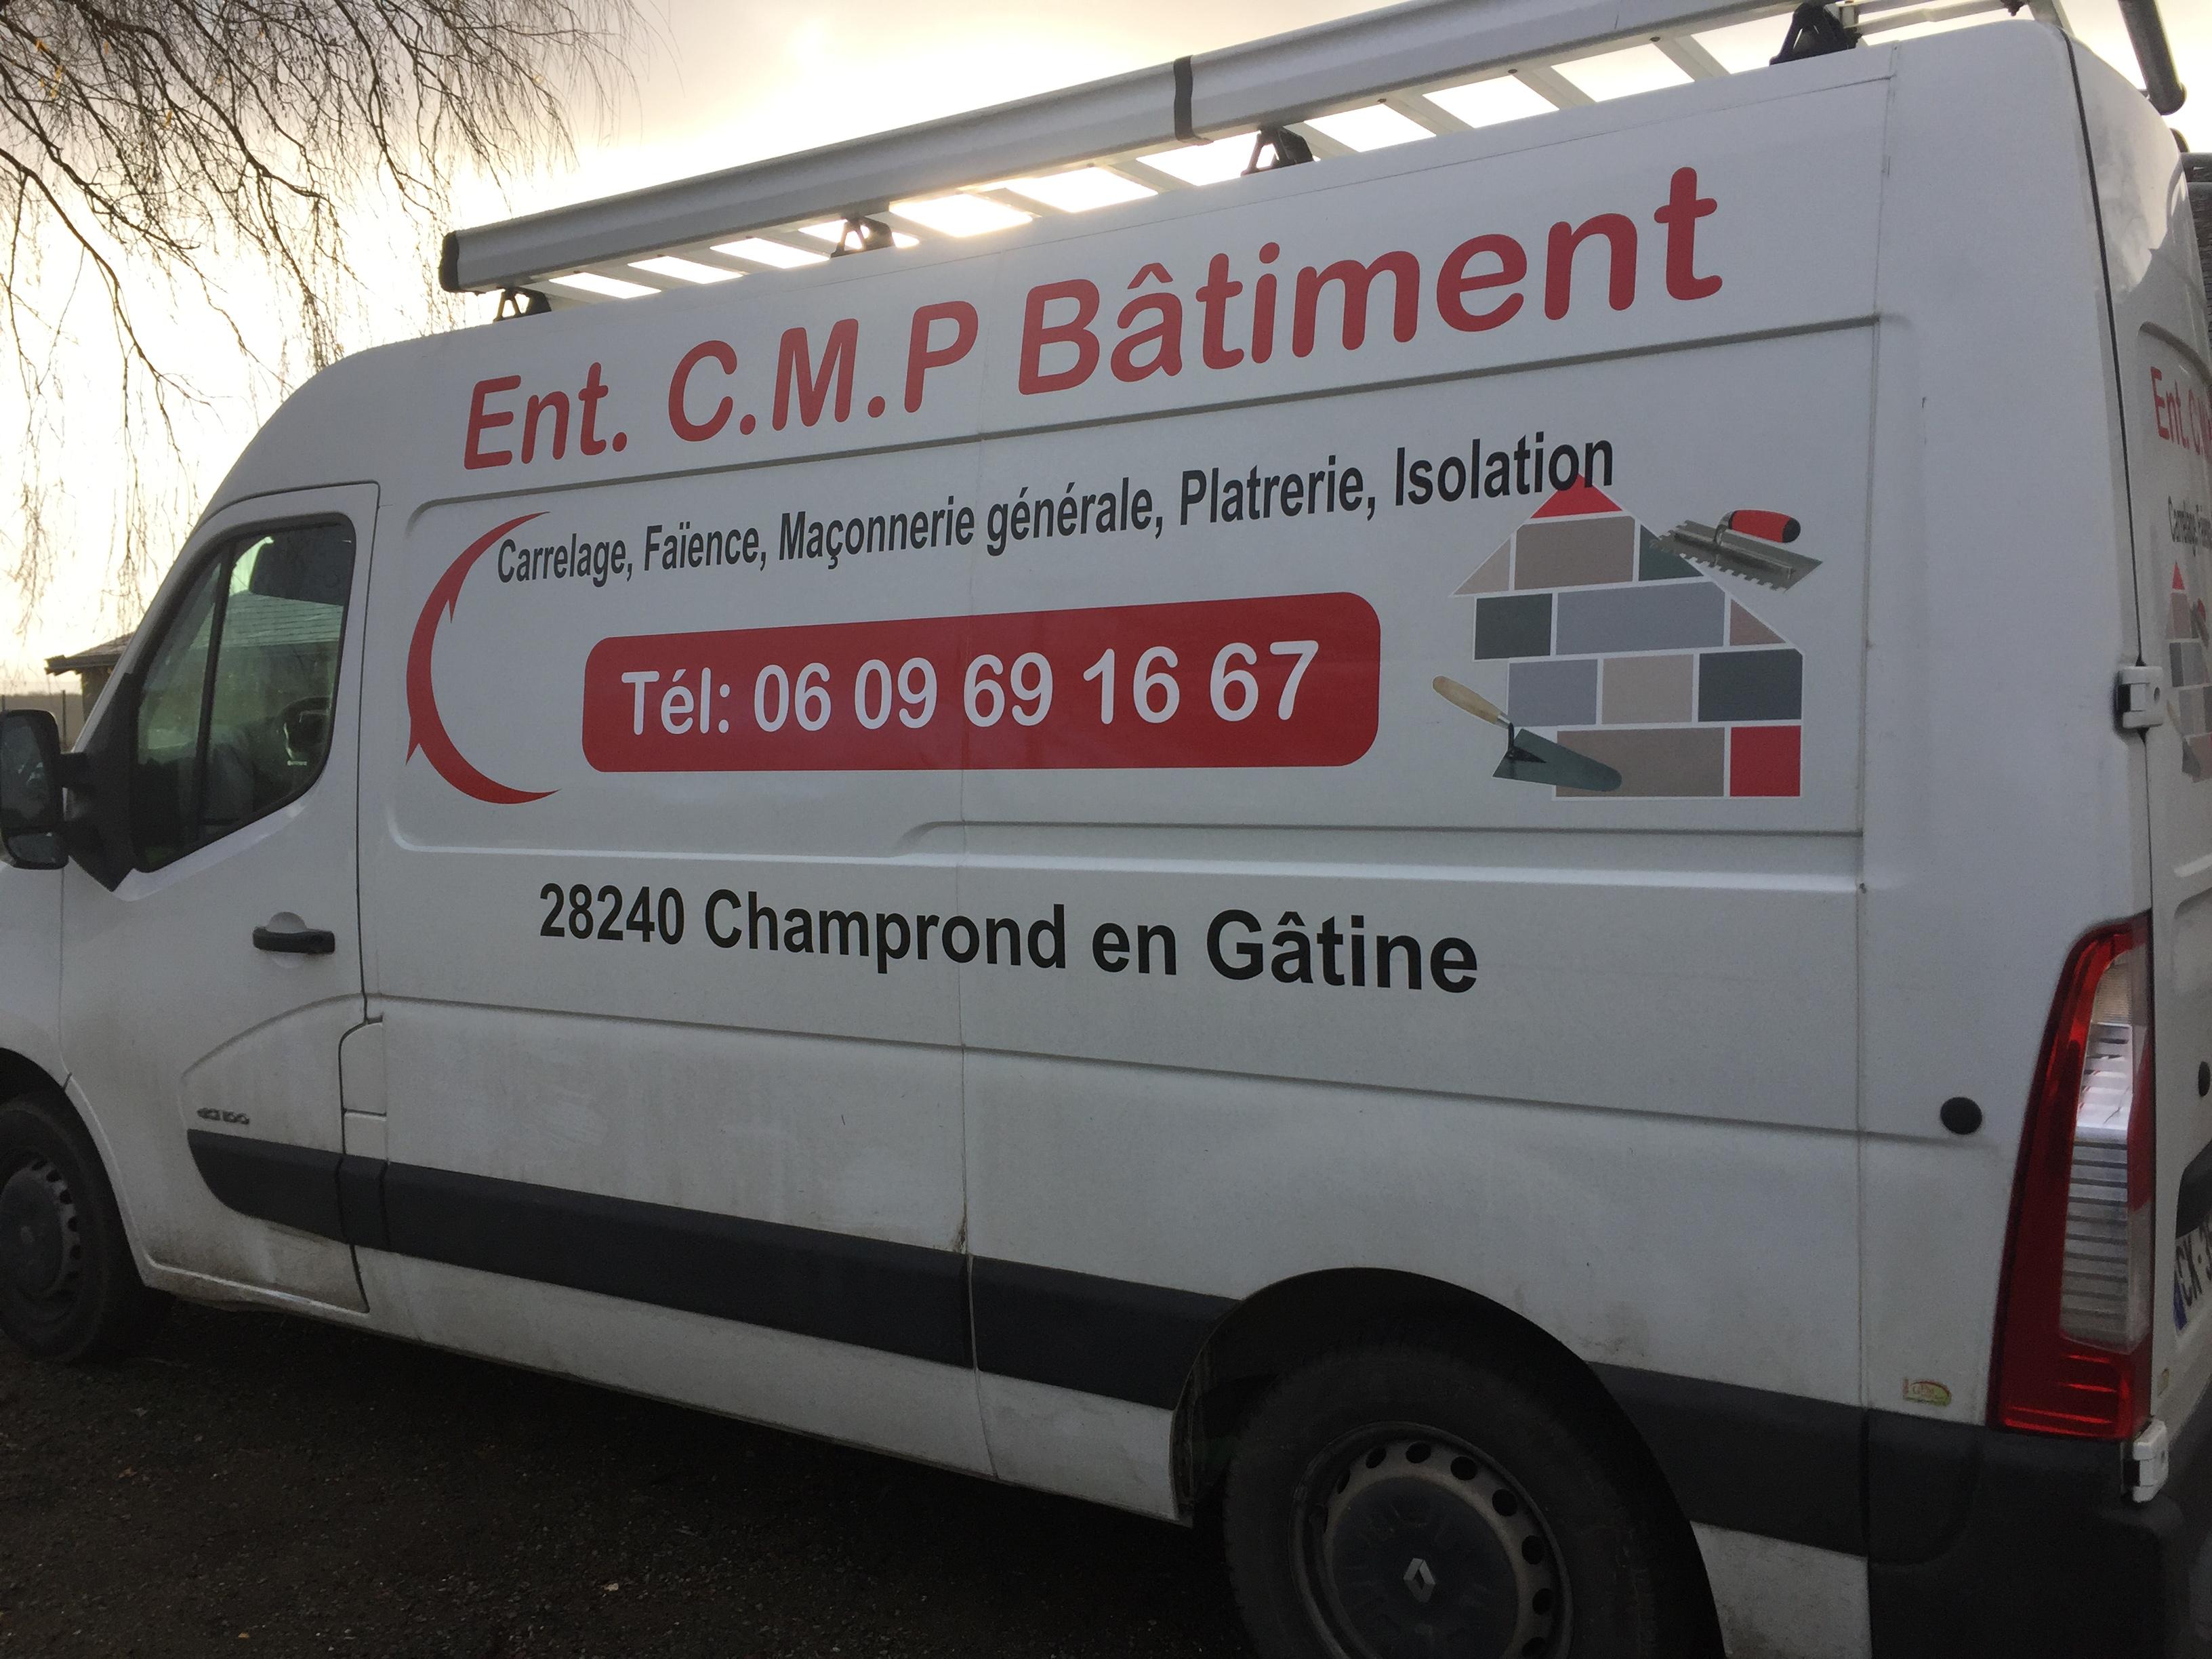 Entreprise C.M.P Bâtiment